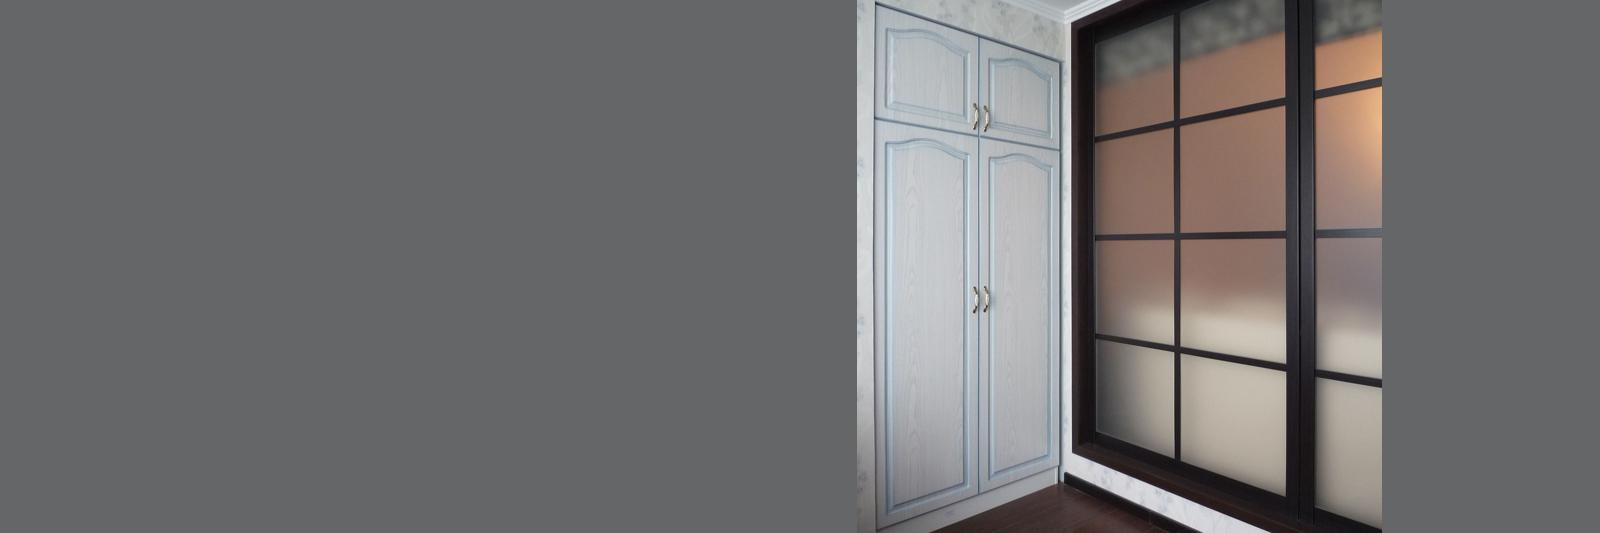 Встроенный шкаф на заказ с фасадами из МДФ